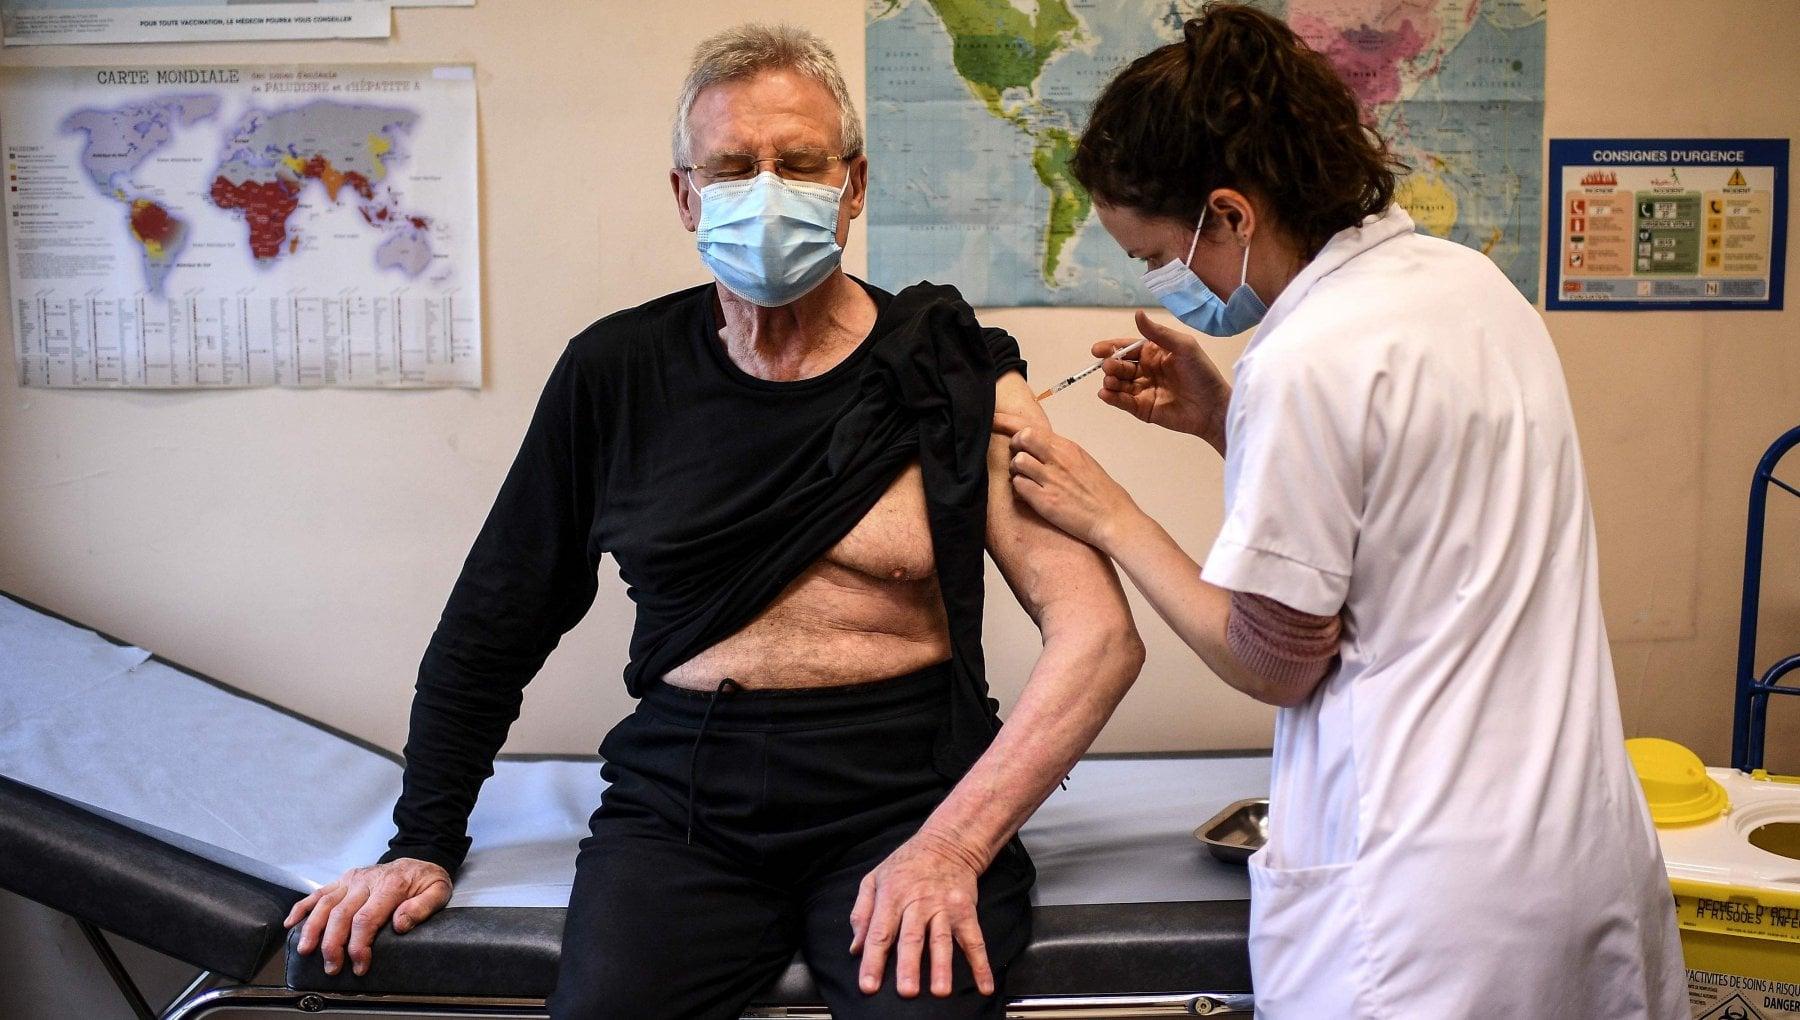 Trentino errore nella vaccinazione. A 12 sanitari iniettata semplice soluzione fisiologica